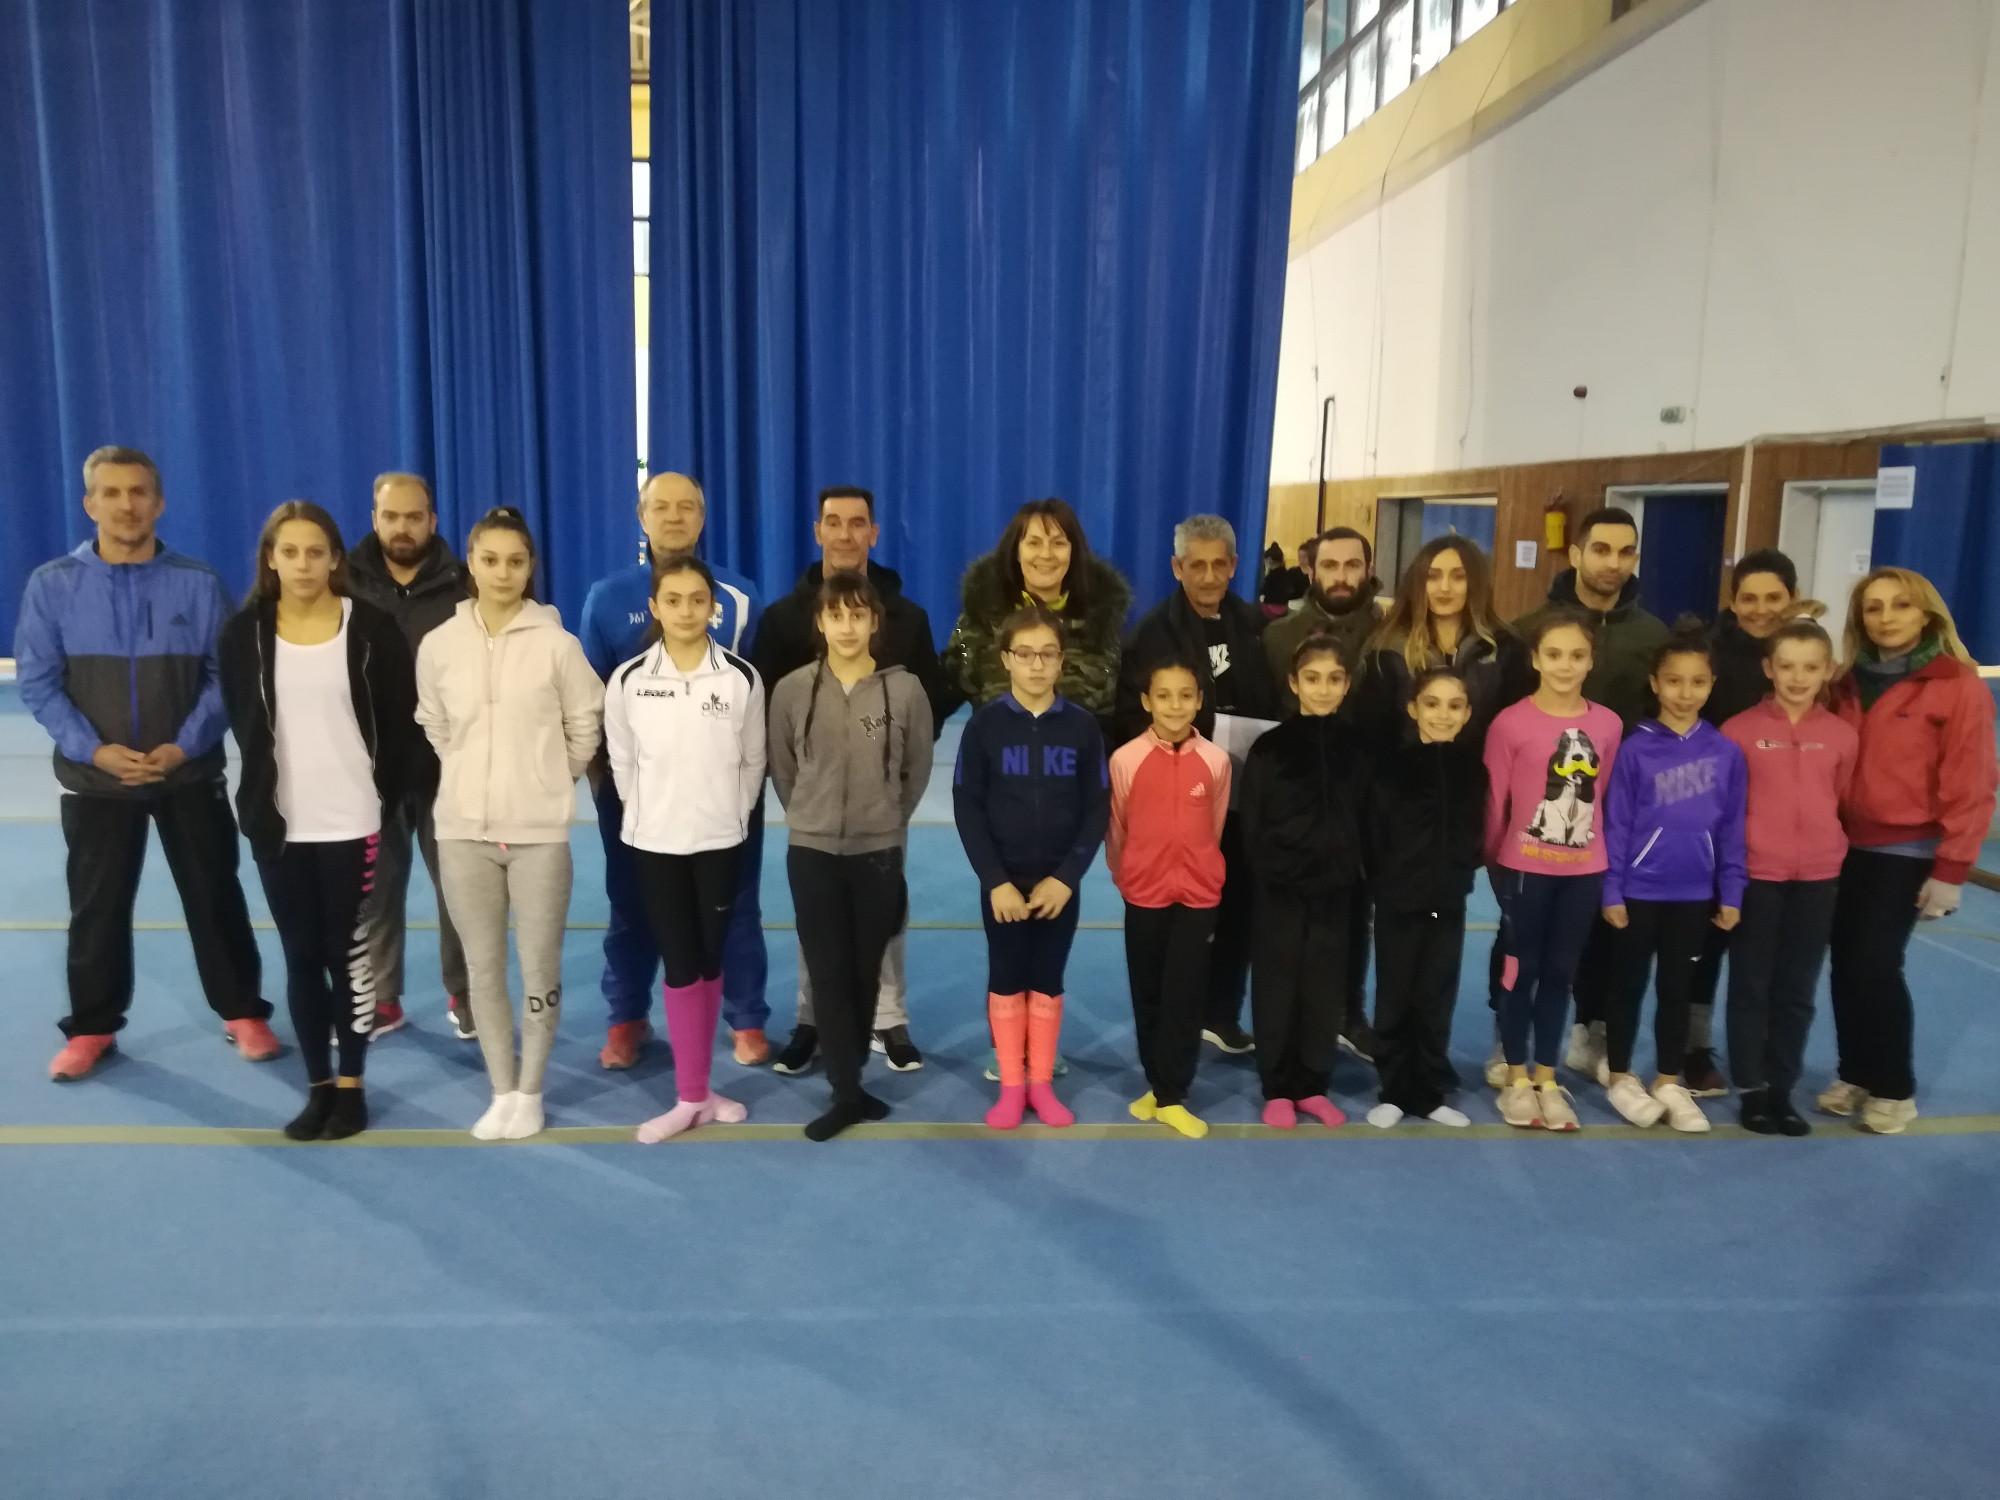 Ξεκίνησαν προπονήσεις στο ΚΥΕ Θεσσαλονίκης οι επιλεγμένες αθλήτριες ενόργανης